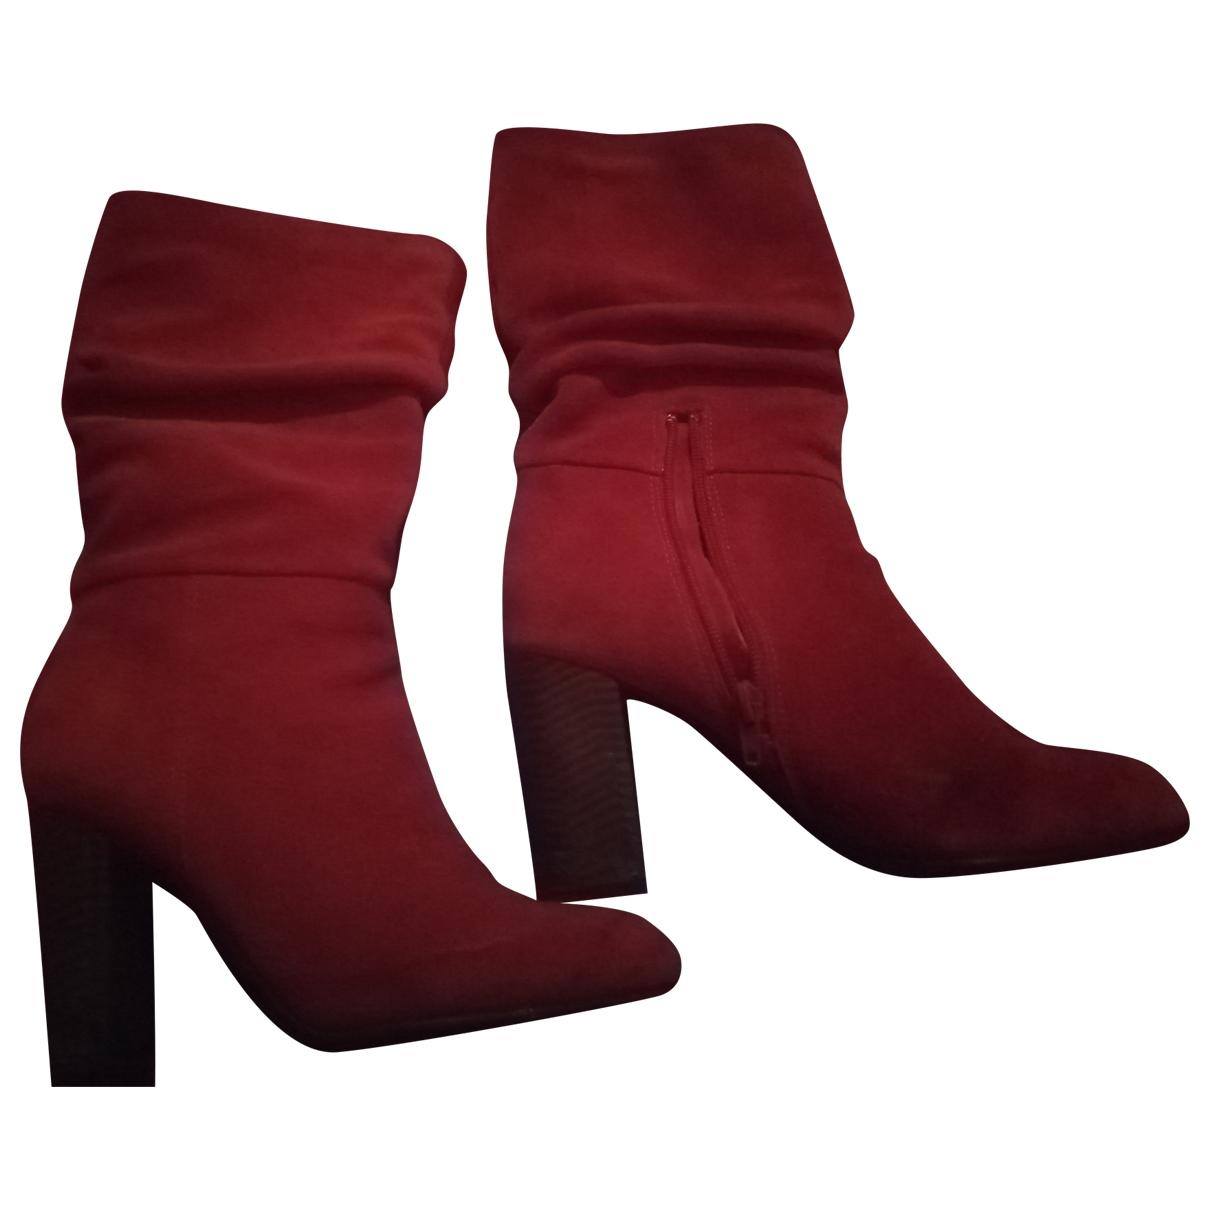 Zara - Boots   pour femme en velours - rouge